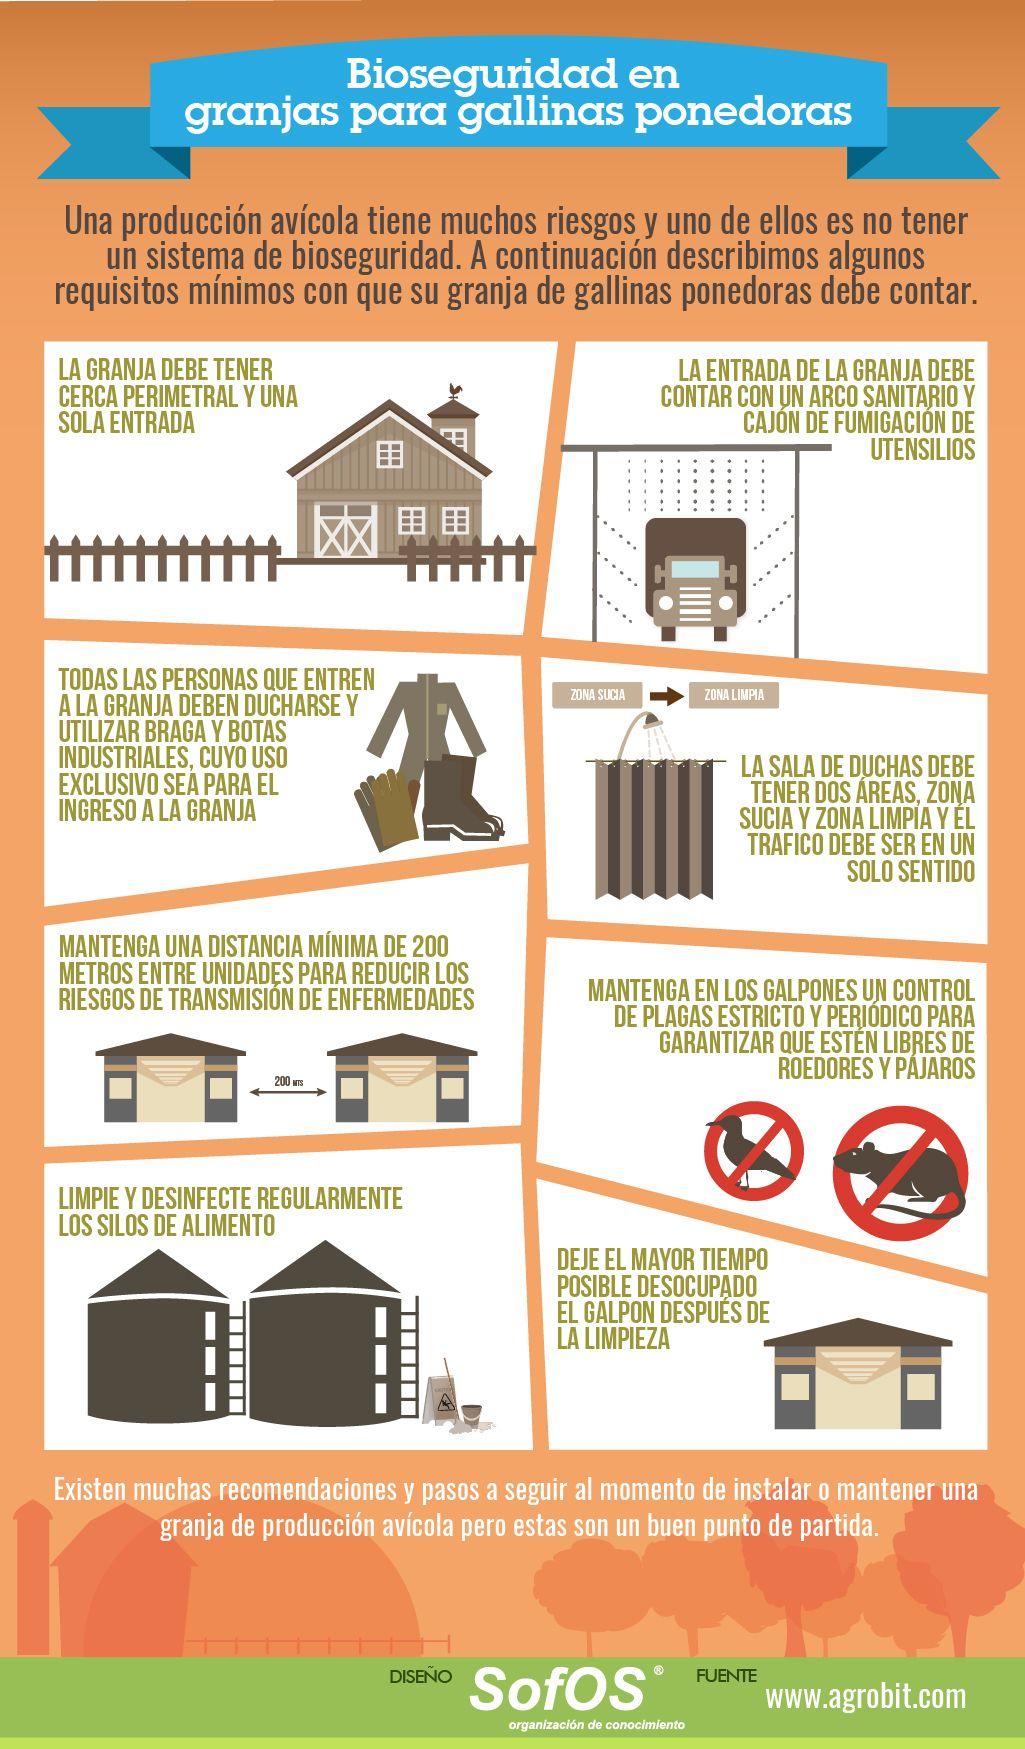 #Infografía #Bioseguridad en #granjas para #gallinas ponedoras #Avícola  #Agro #LATAM